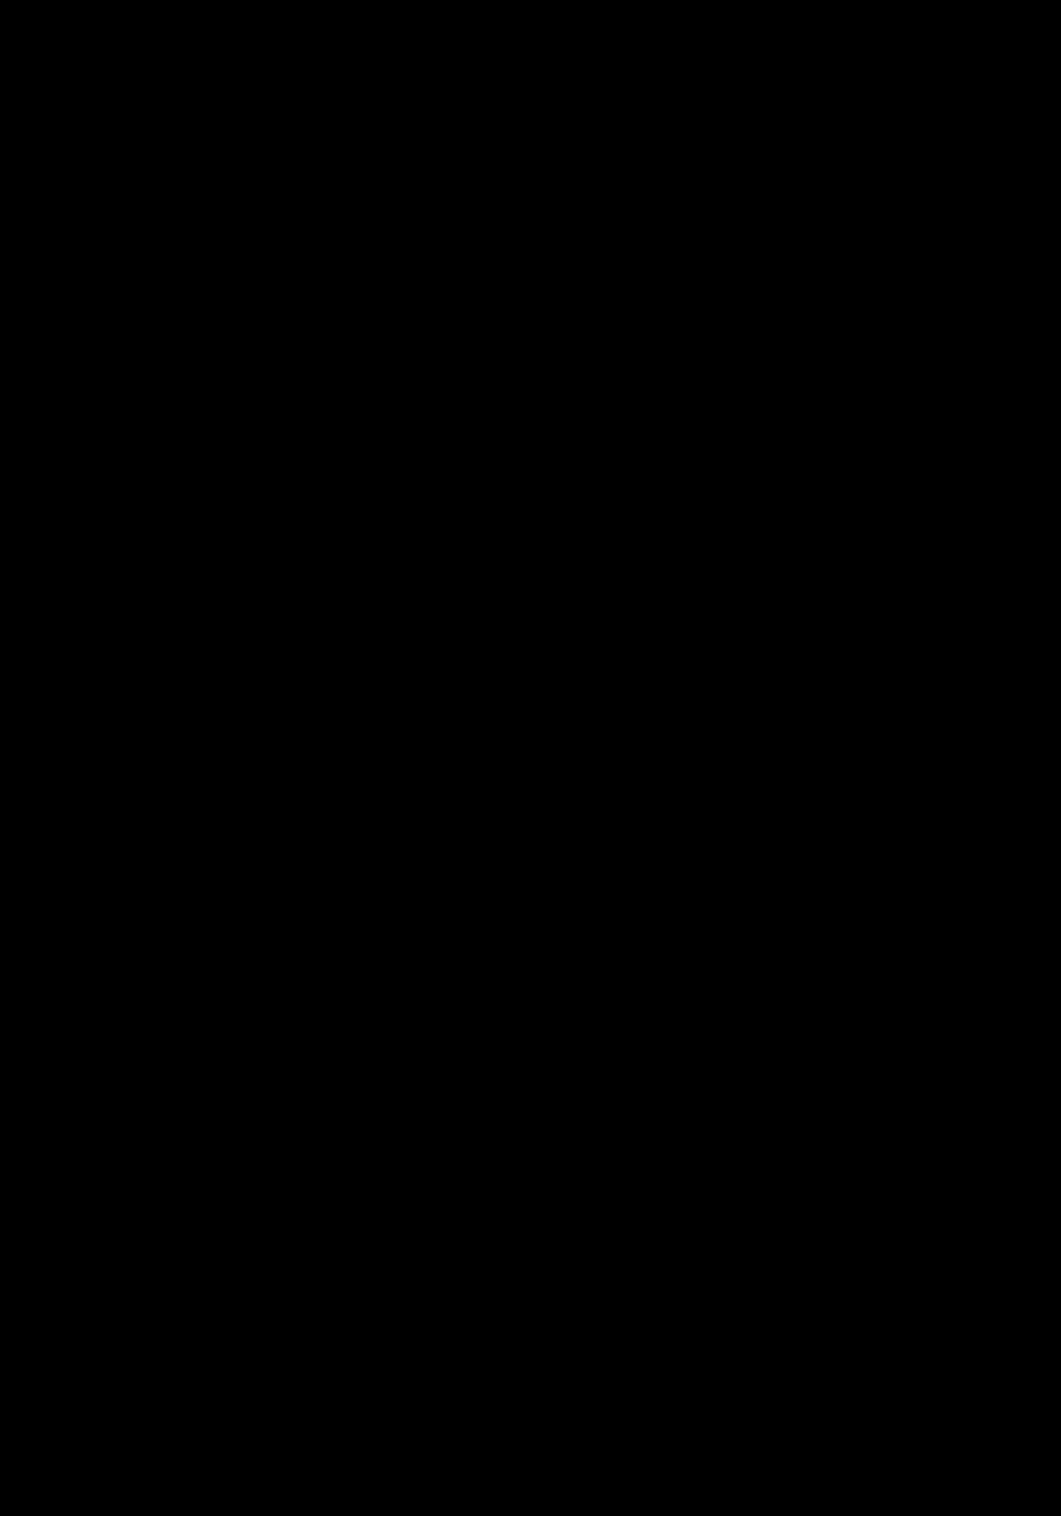 circular_april_24_2c_2018